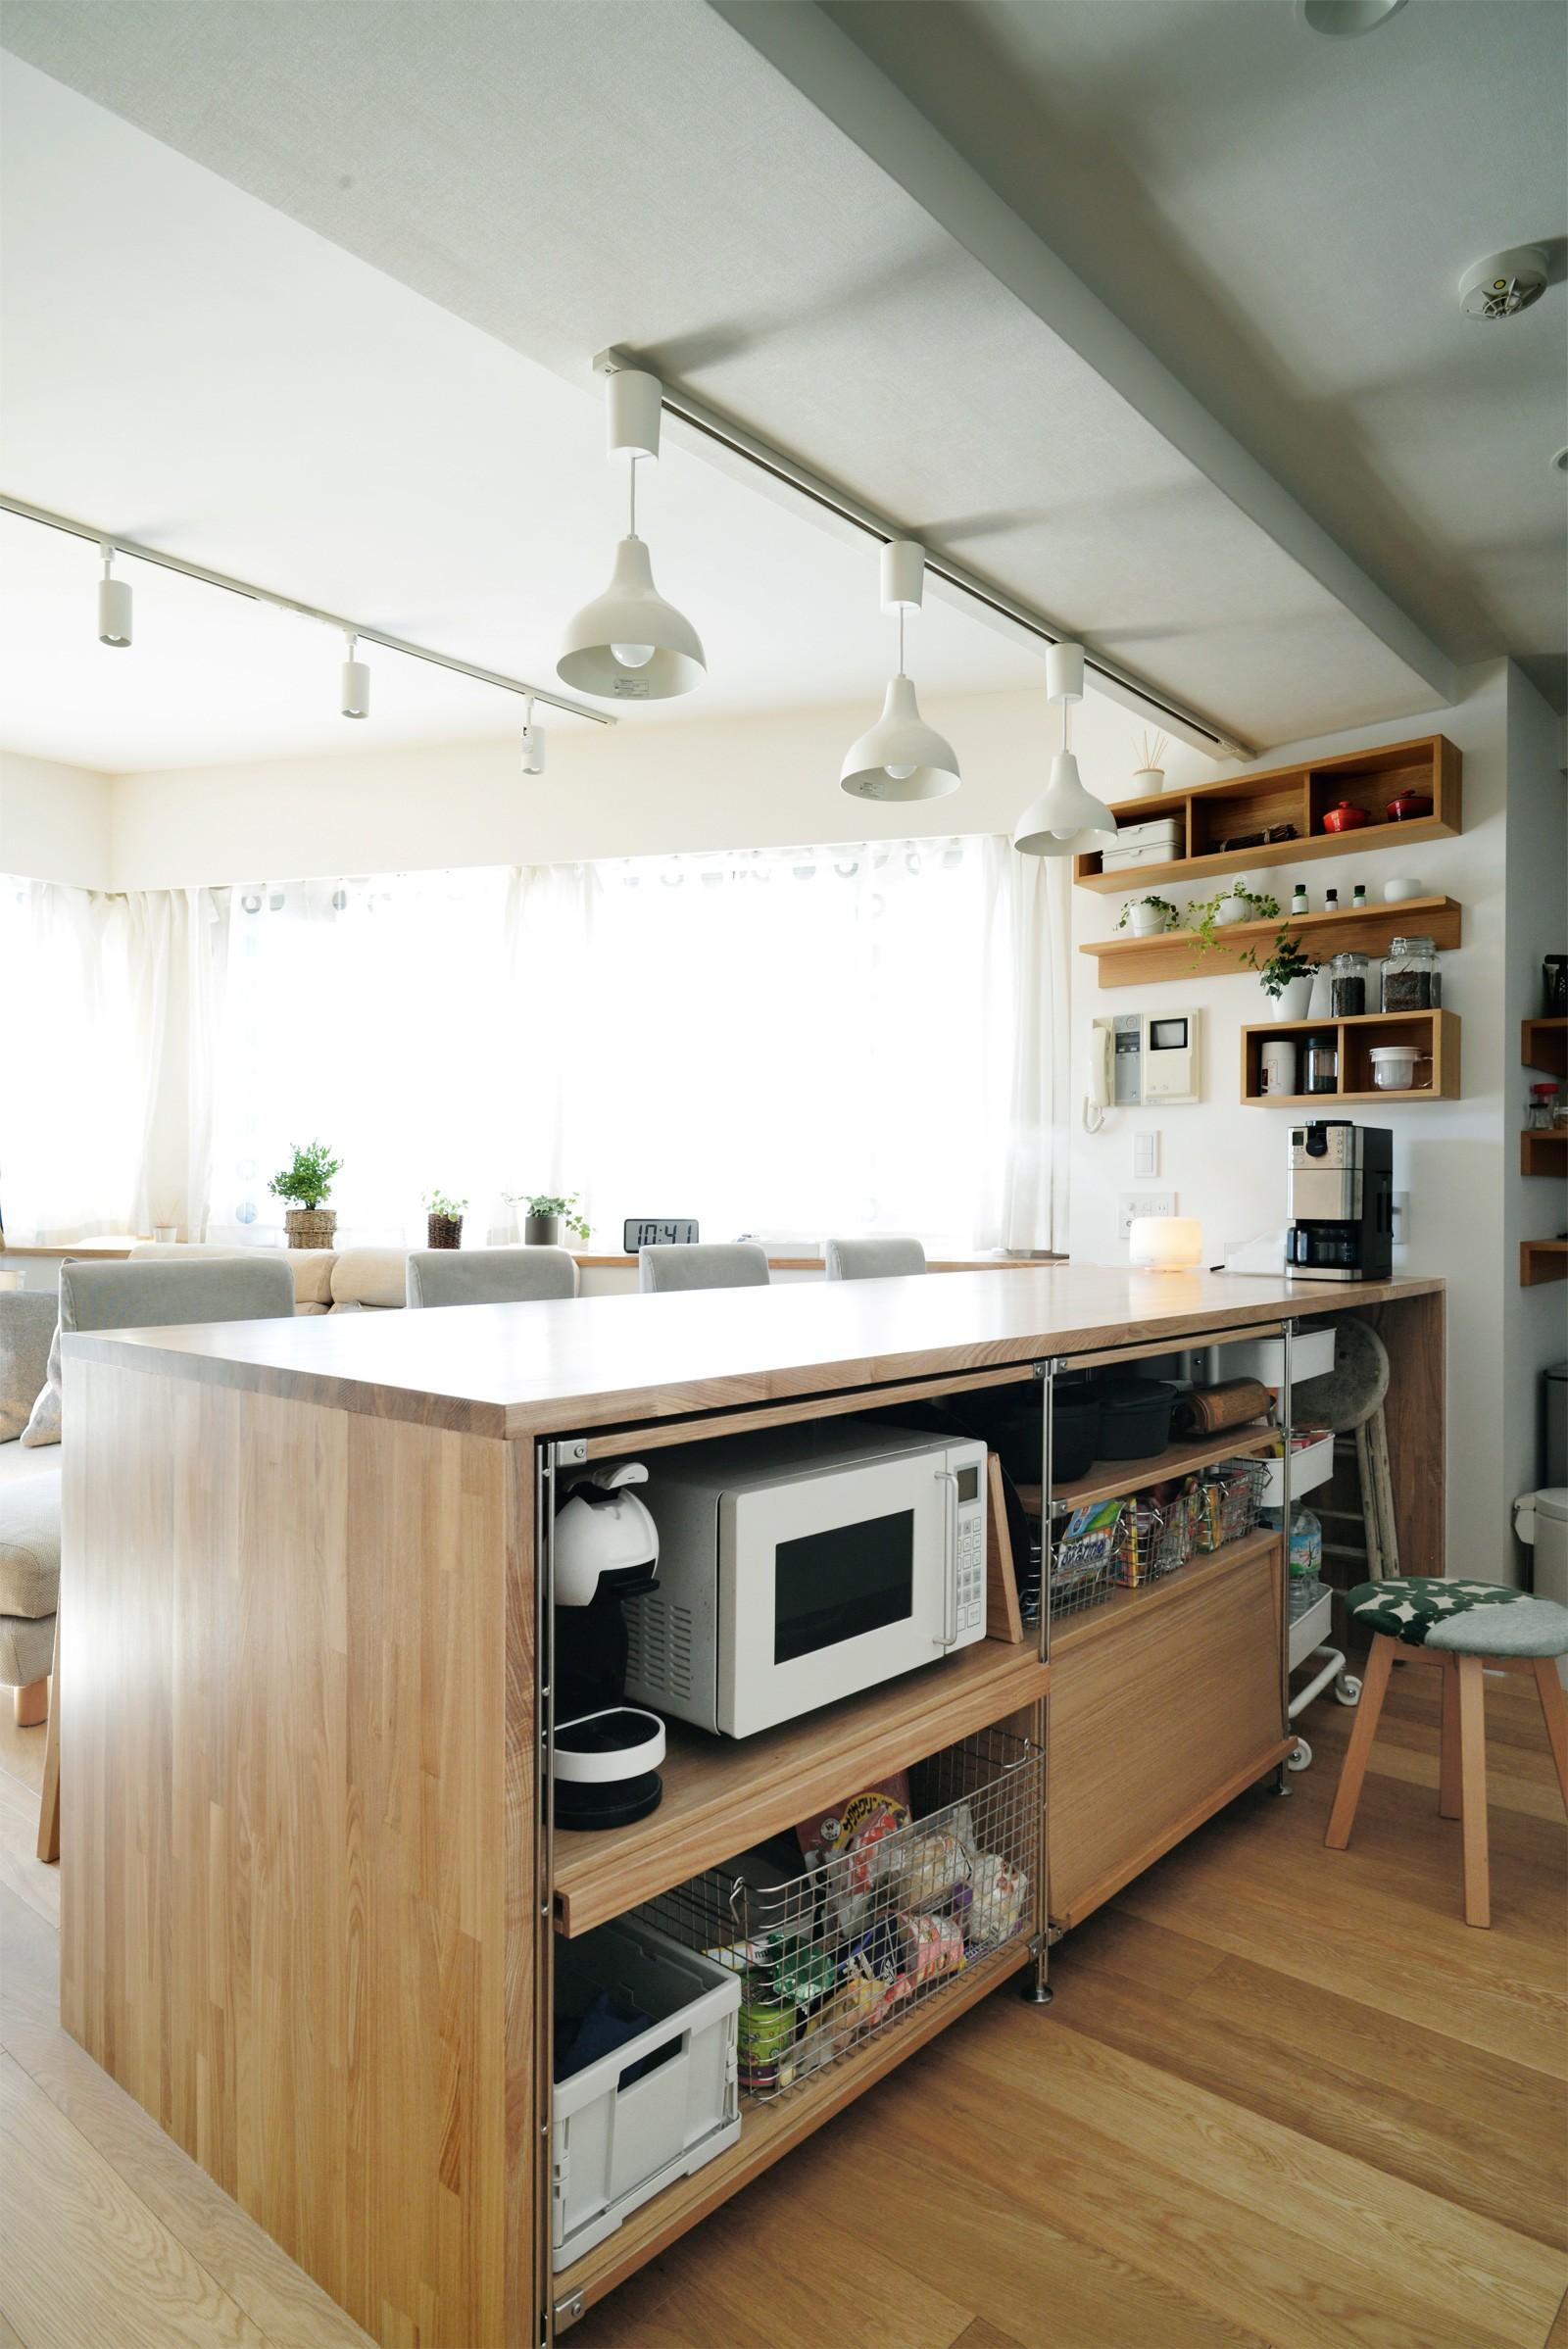 リビングダイニング事例:キッチン(『無印な住まい』 ― 家具を部屋に溶け込ませて)